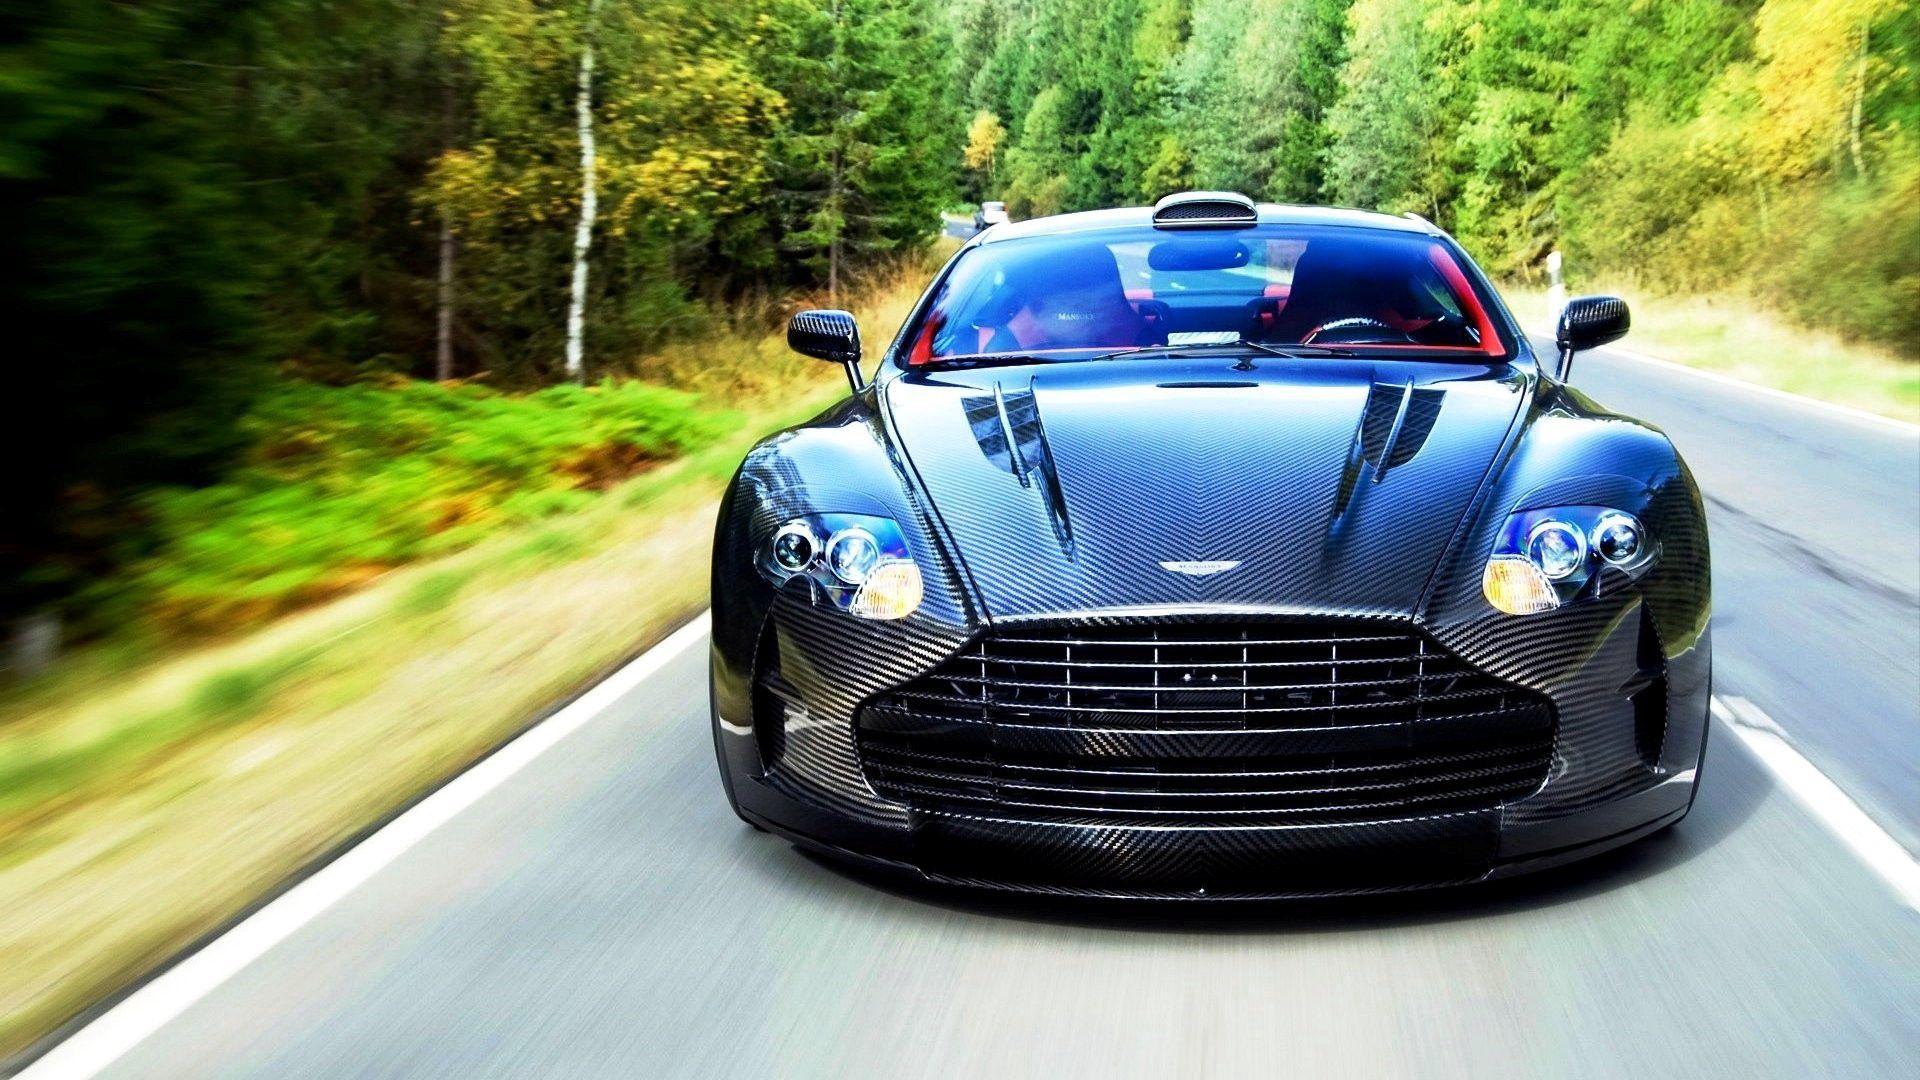 108871 скачать обои Астон Мартин (Aston Martin), Тачки (Cars), Движение, Вид Спереди, 2015, Vanquish - заставки и картинки бесплатно